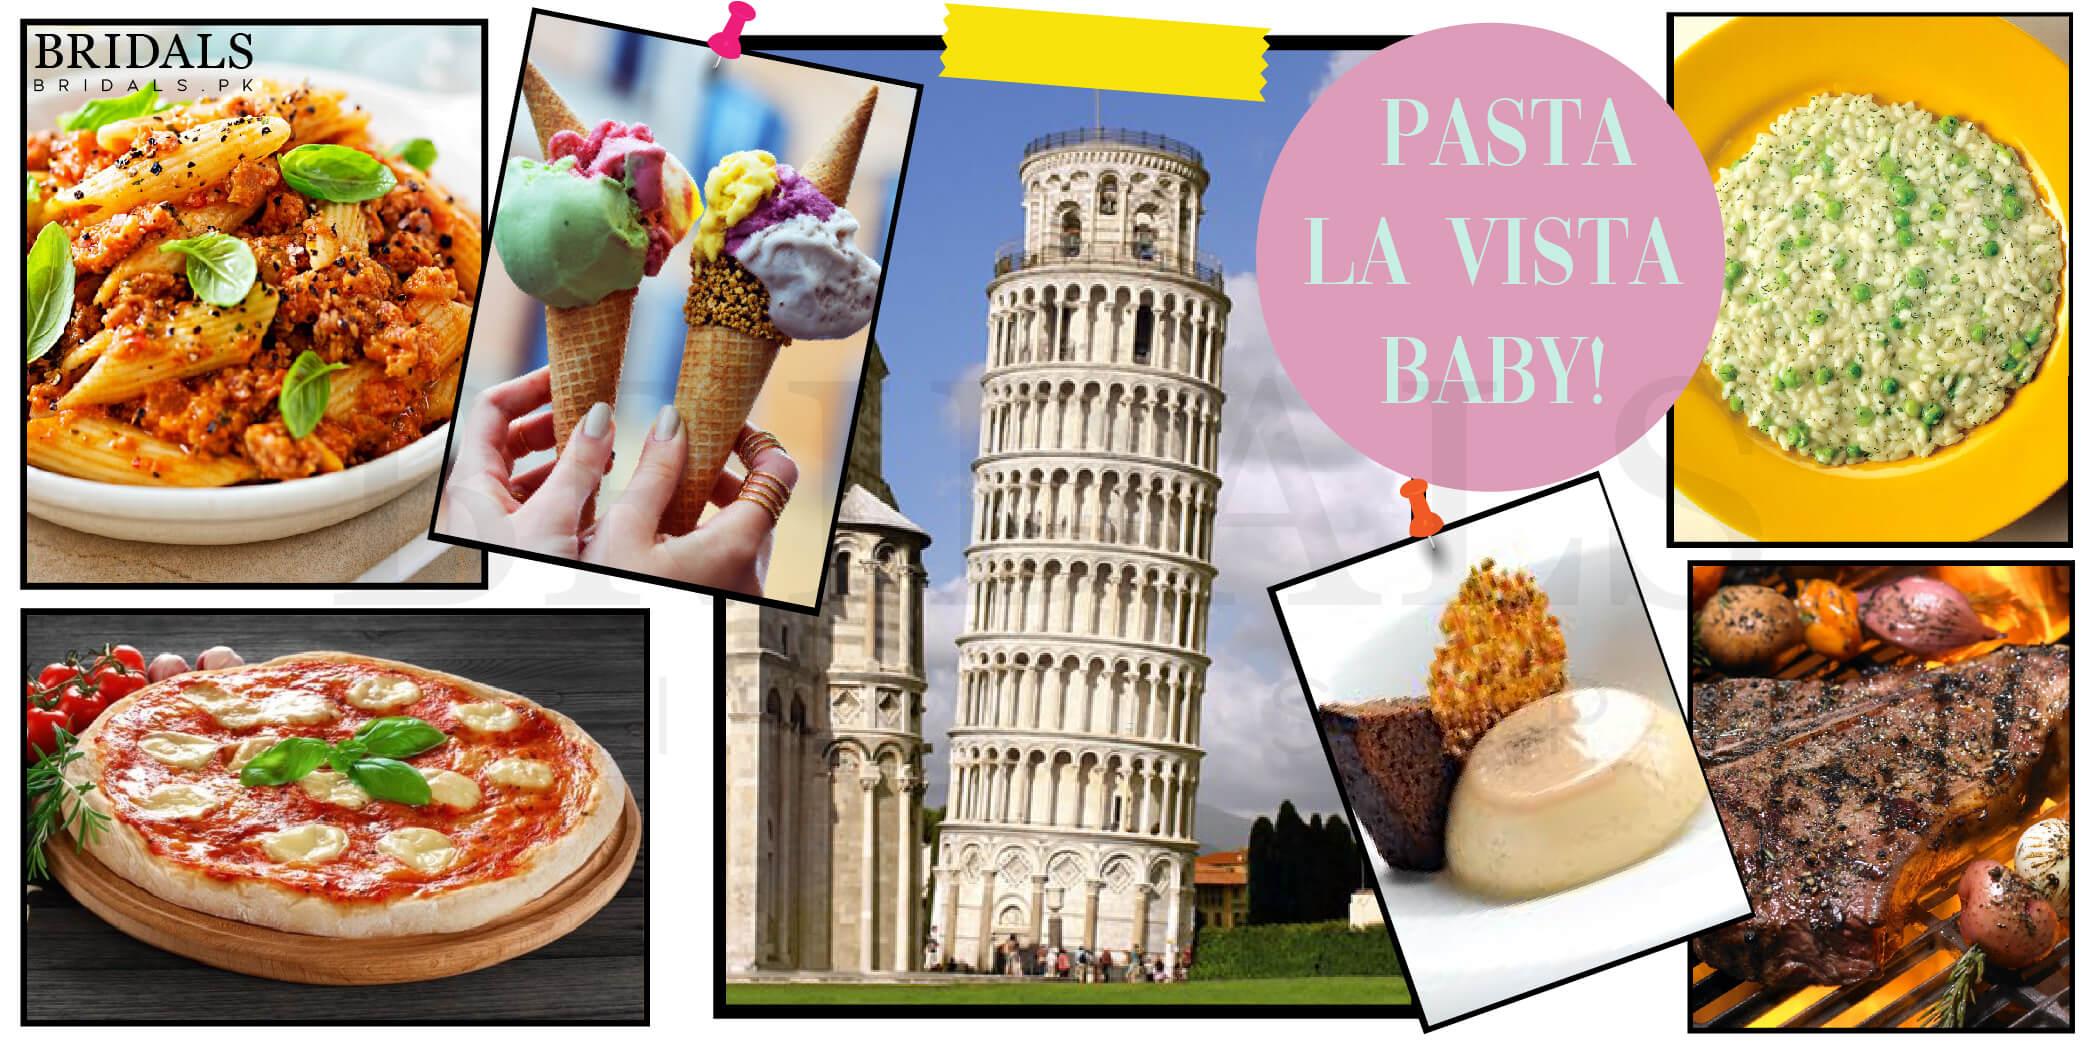 Pasta La Vista Baby: When In Rome, Eat As The Romans Do!